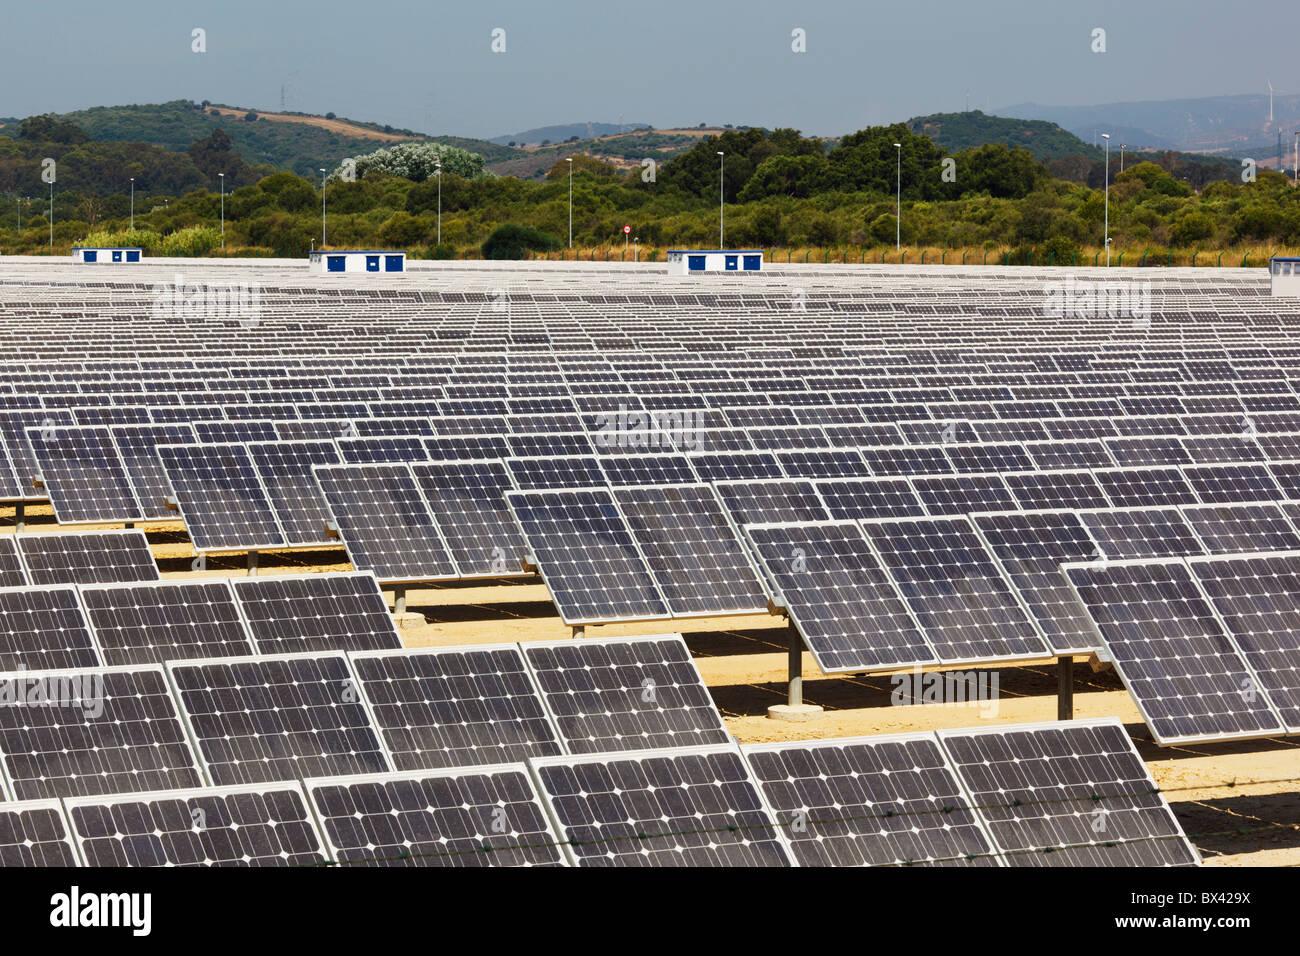 Centro de Energía Solar cerca de Guadarranque; San Roque, Cádiz, Andalucía, España Imagen De Stock